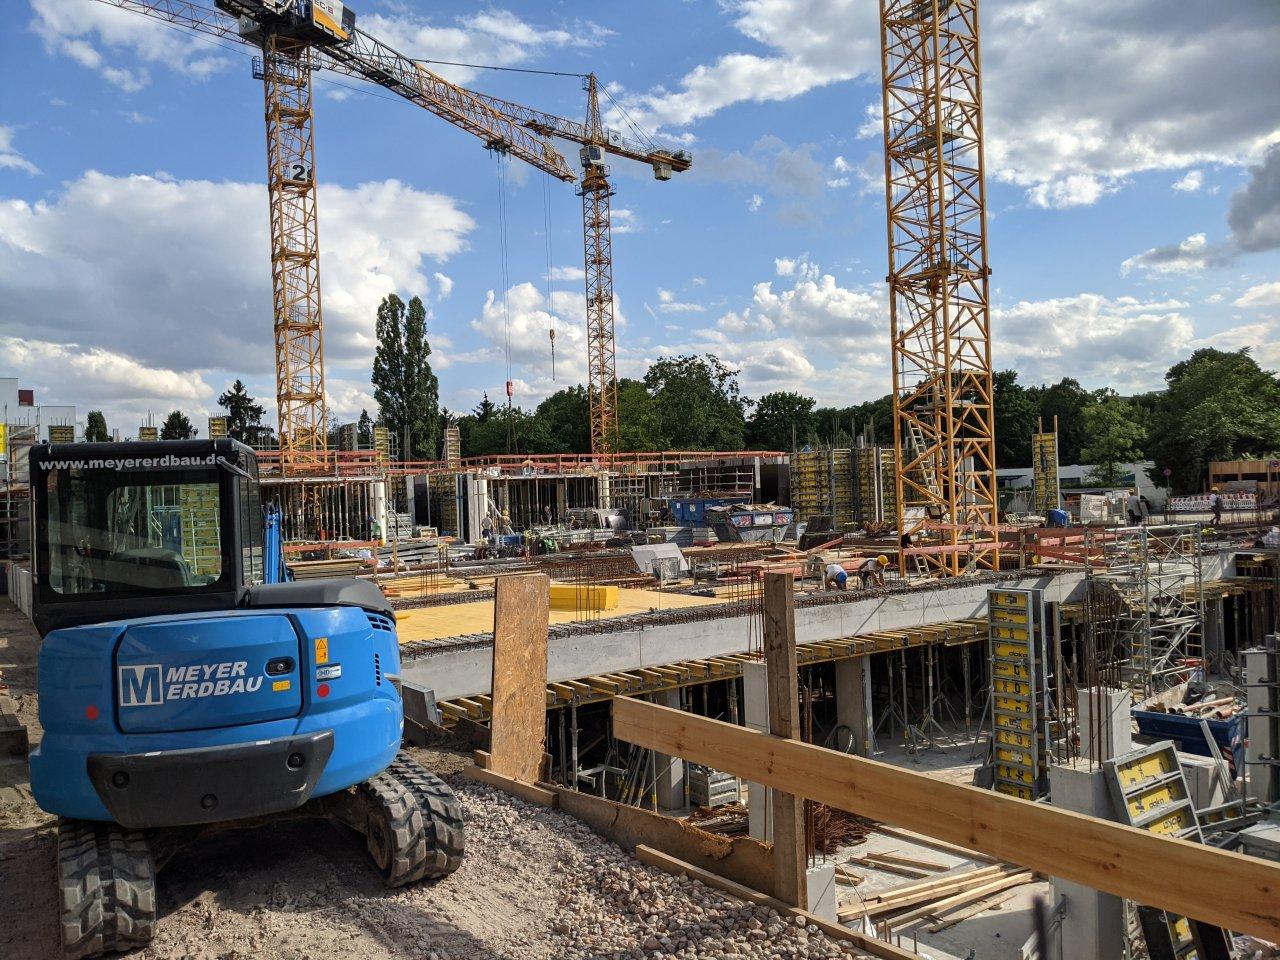 Neubauvorhaben-Landsberger-Allee.jpg